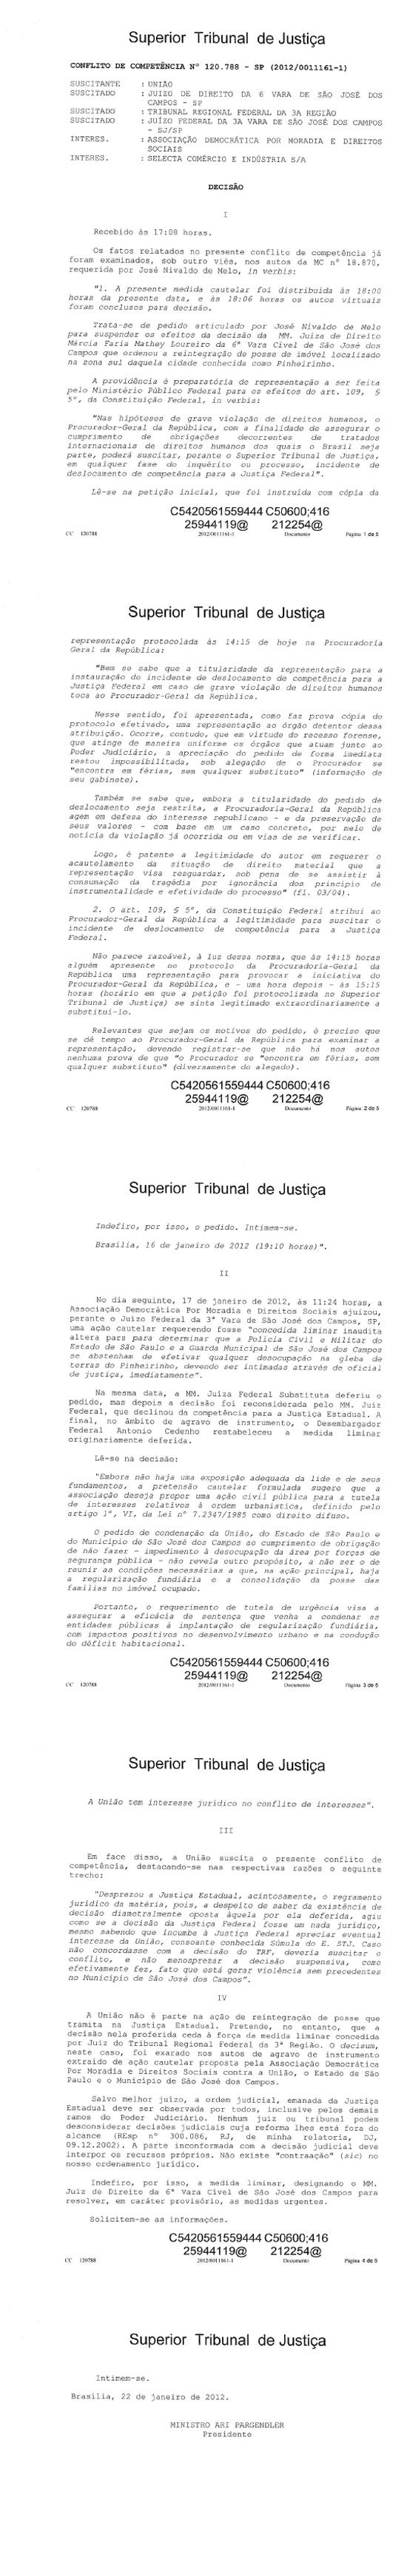 Pinheirinho; São José dos Campos; Competência; Desocupação